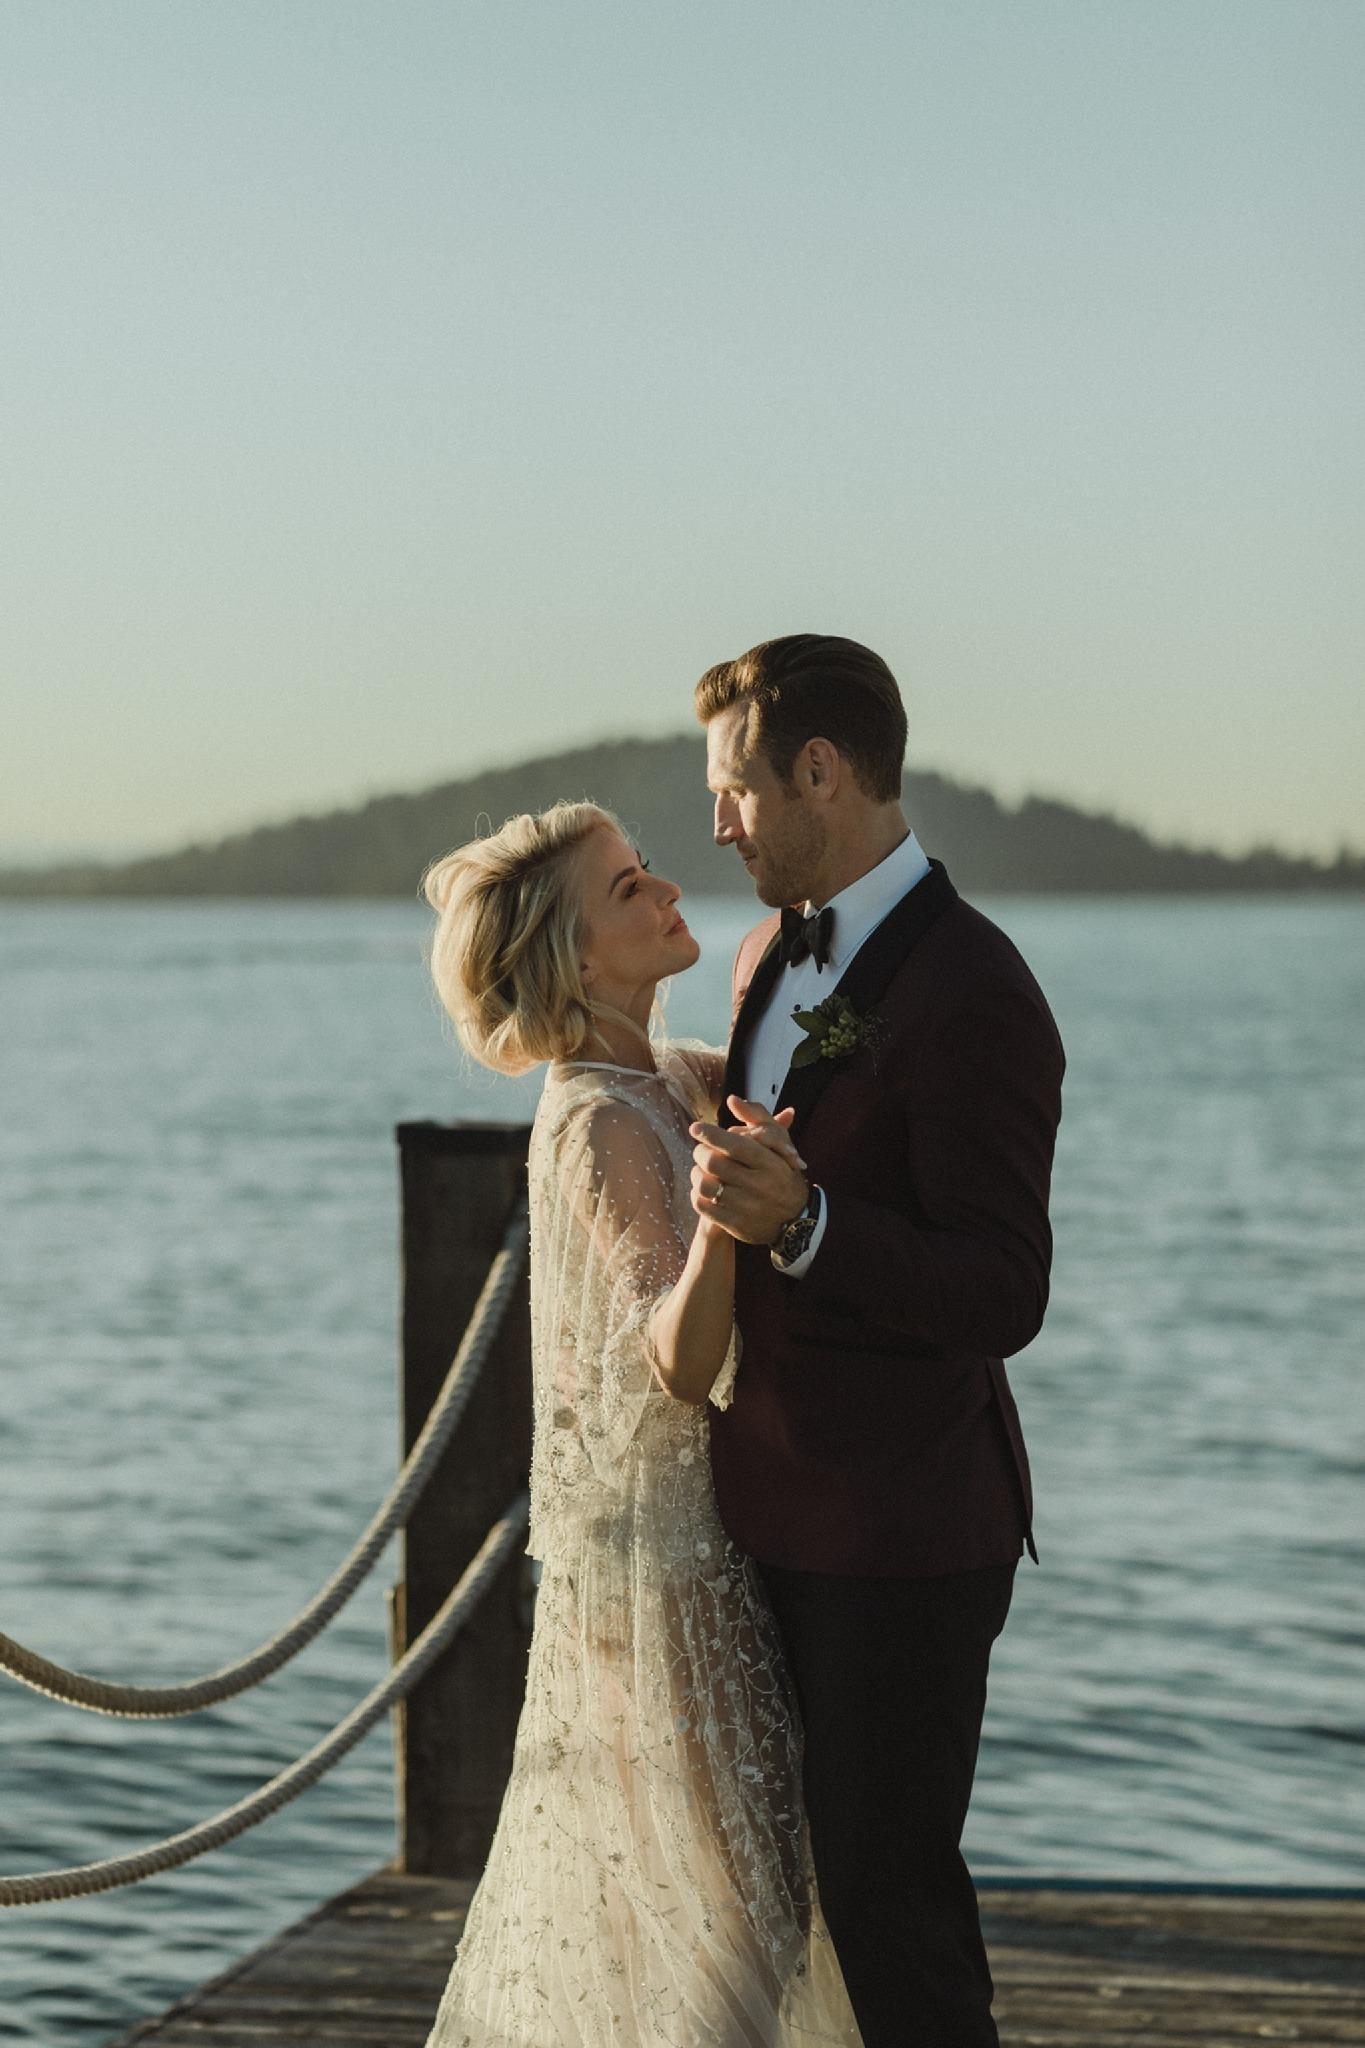 Julianne Hough Wedding Dress.Julianne Hough Brooks Laich Wedding Top Wedding Photographer Sarah